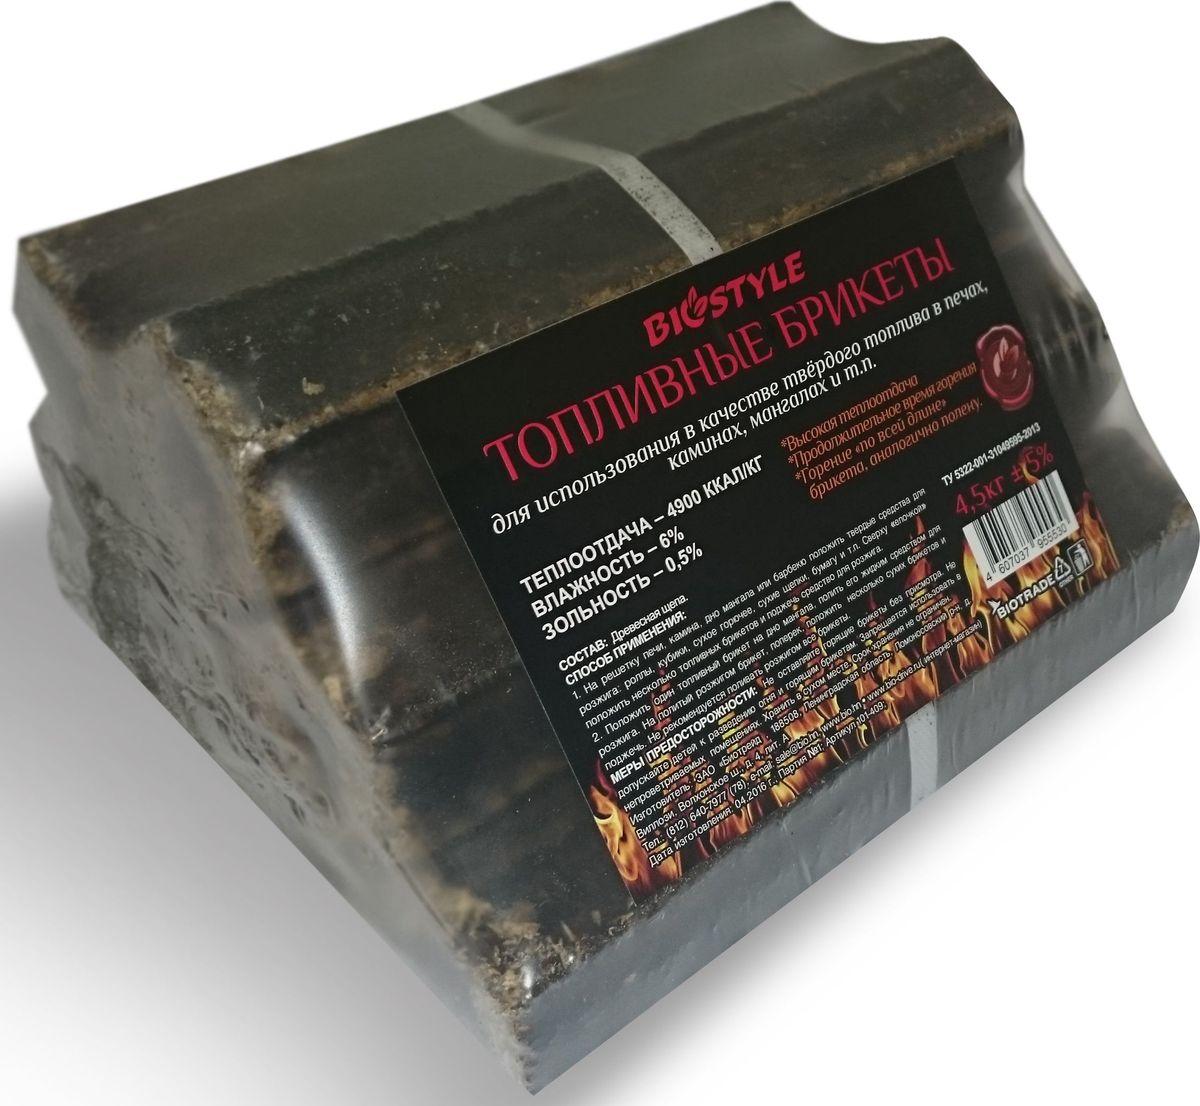 Брикеты для розжига Biostyle Piny Kay, топливные, 4,5 кг7292Твердые топливные брикеты Biostyle Piny Kay имеют форму неправильного многогранника с отверстием внутри. Эти превосходные современные дрова произведены путем прессования сухой измельченной древесины под высоким давлением и при высокой температуре. Они имеют максимальную продолжительность горения и теплоту сгорания. Такие топливные брикеты более стойки к механическим воздействиям и повышенной влажности. Евродрова этого типа горят красивым ровным пламенем и являются отличной заменой березовым дровам. Поэтому рекомендуем использовать их в каминах.Теплоотдача: 4900 ккал/кг.Влажность: 6 %.Зольность: 0,5 %.Состав: древесная щепа.